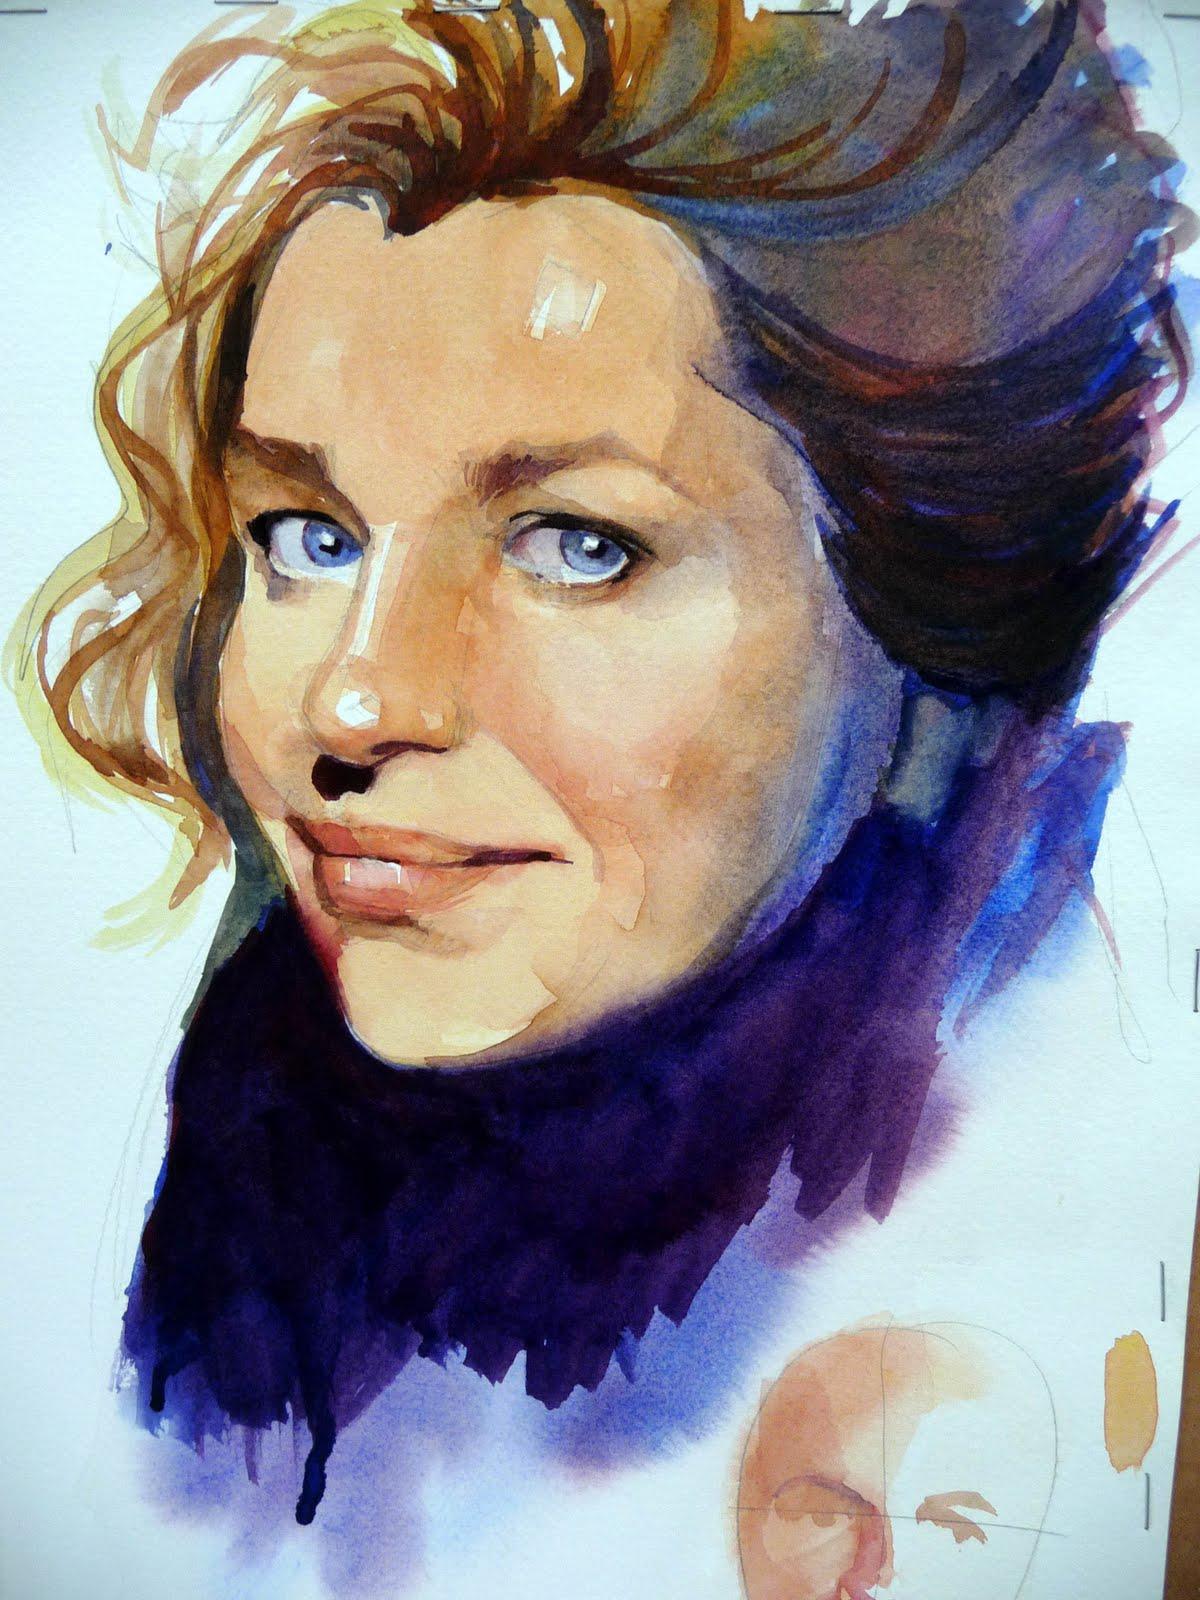 Watercolor portrait project